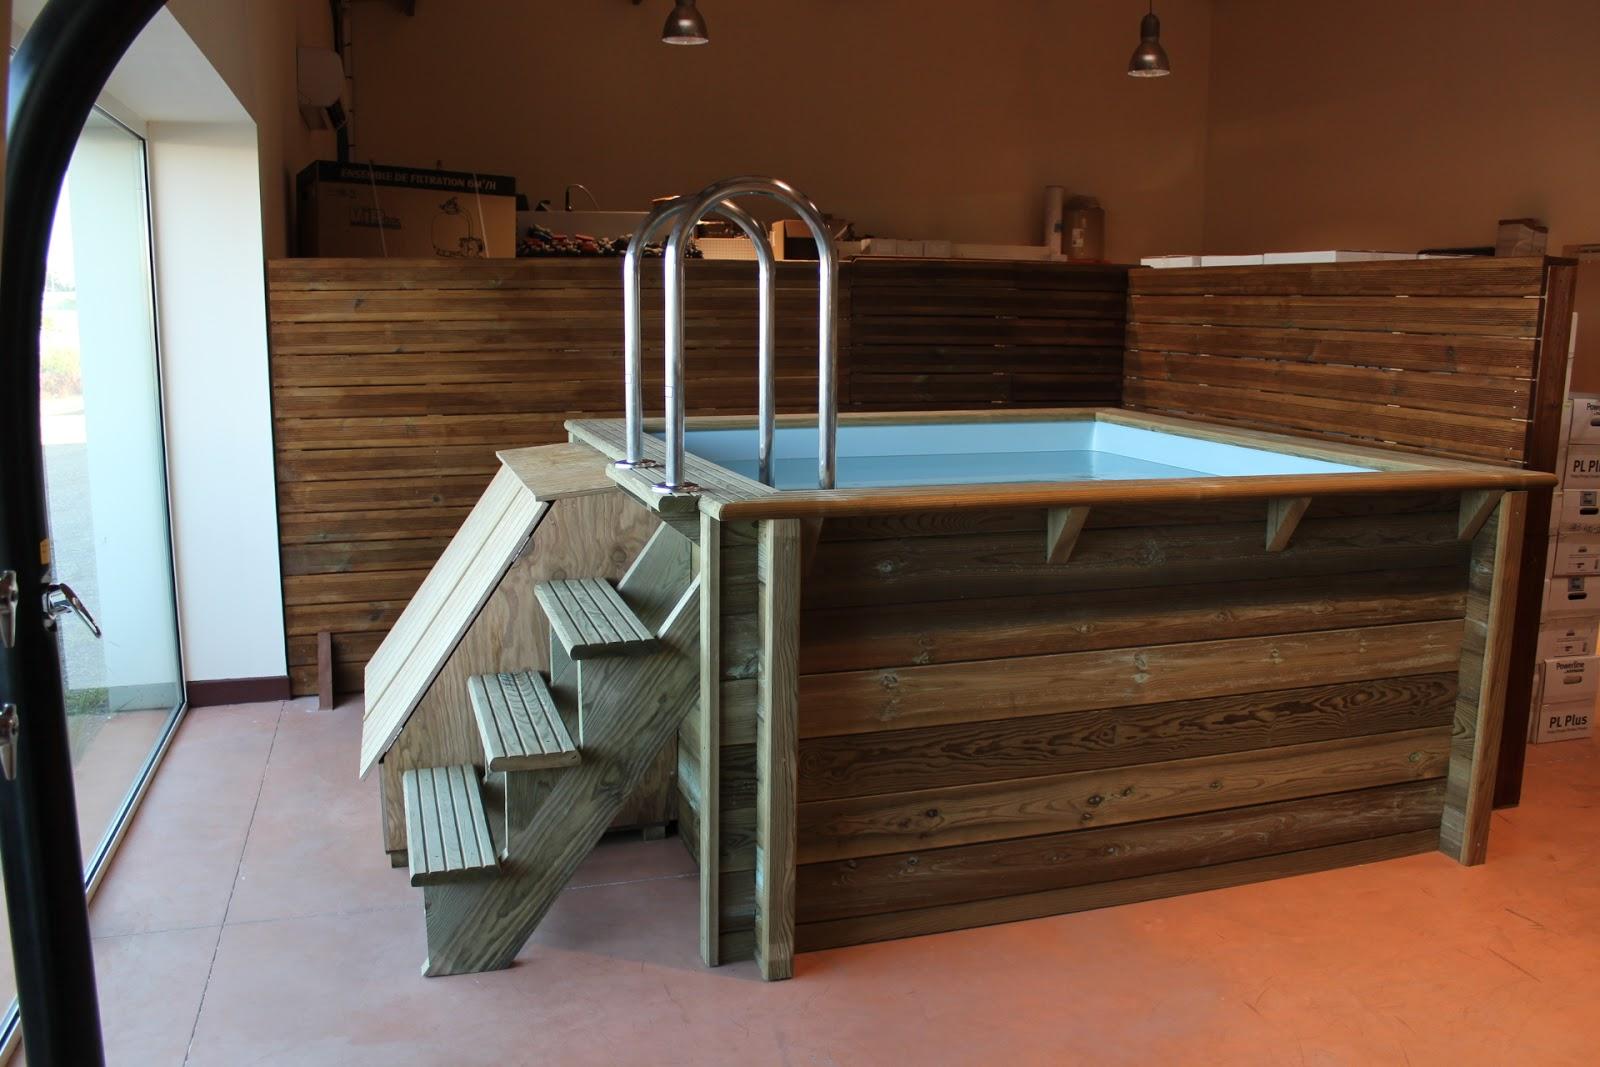 Petite piscine bois for Petite piscine bois